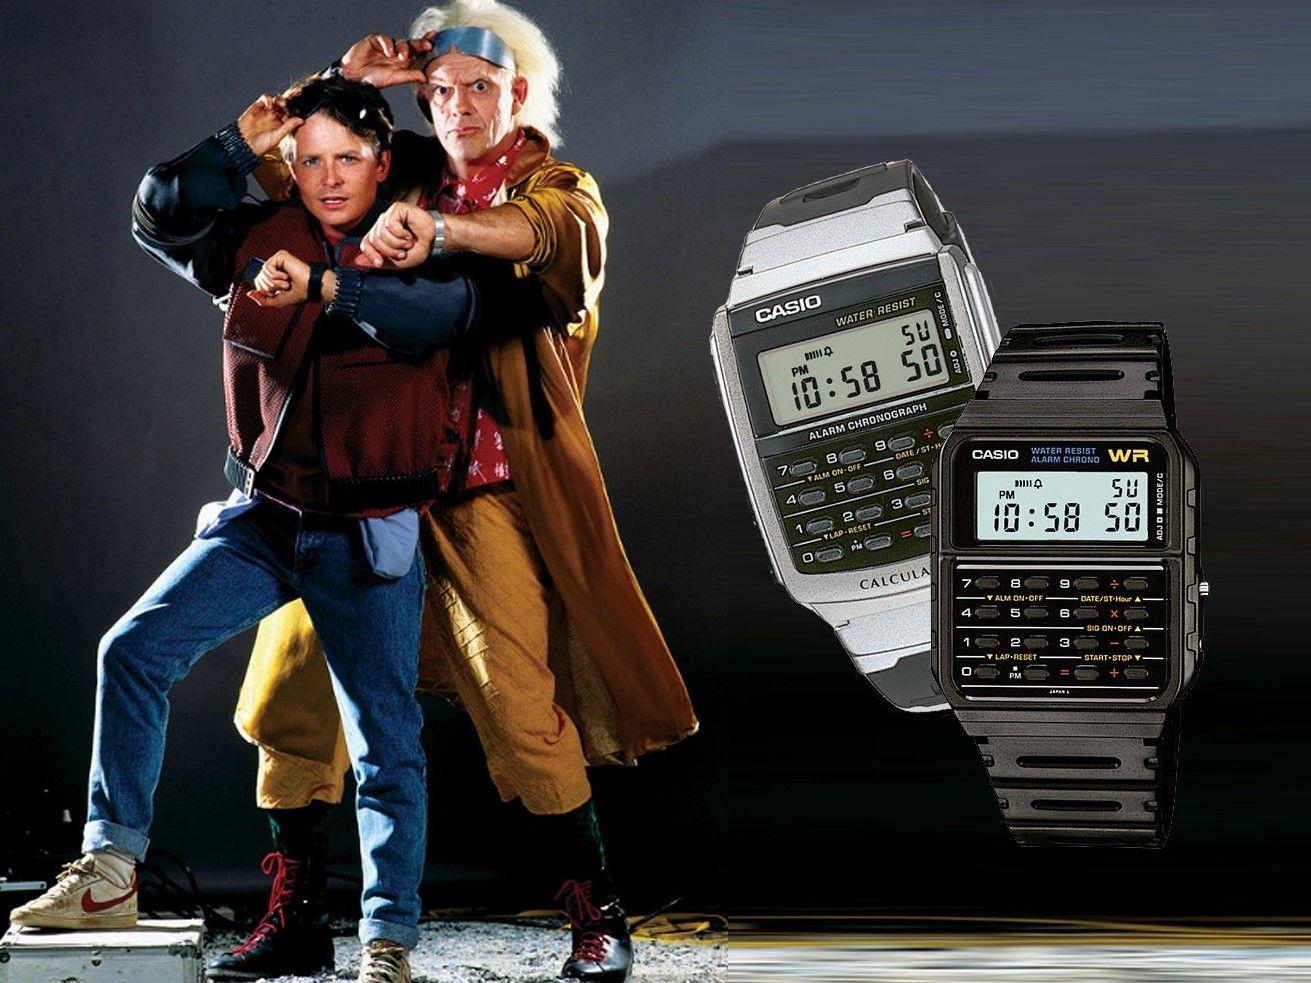 Marty Mcfly Zurück in die Zukunft Herren Uhr mit Taschenrechner CA-53W-1 CASIO